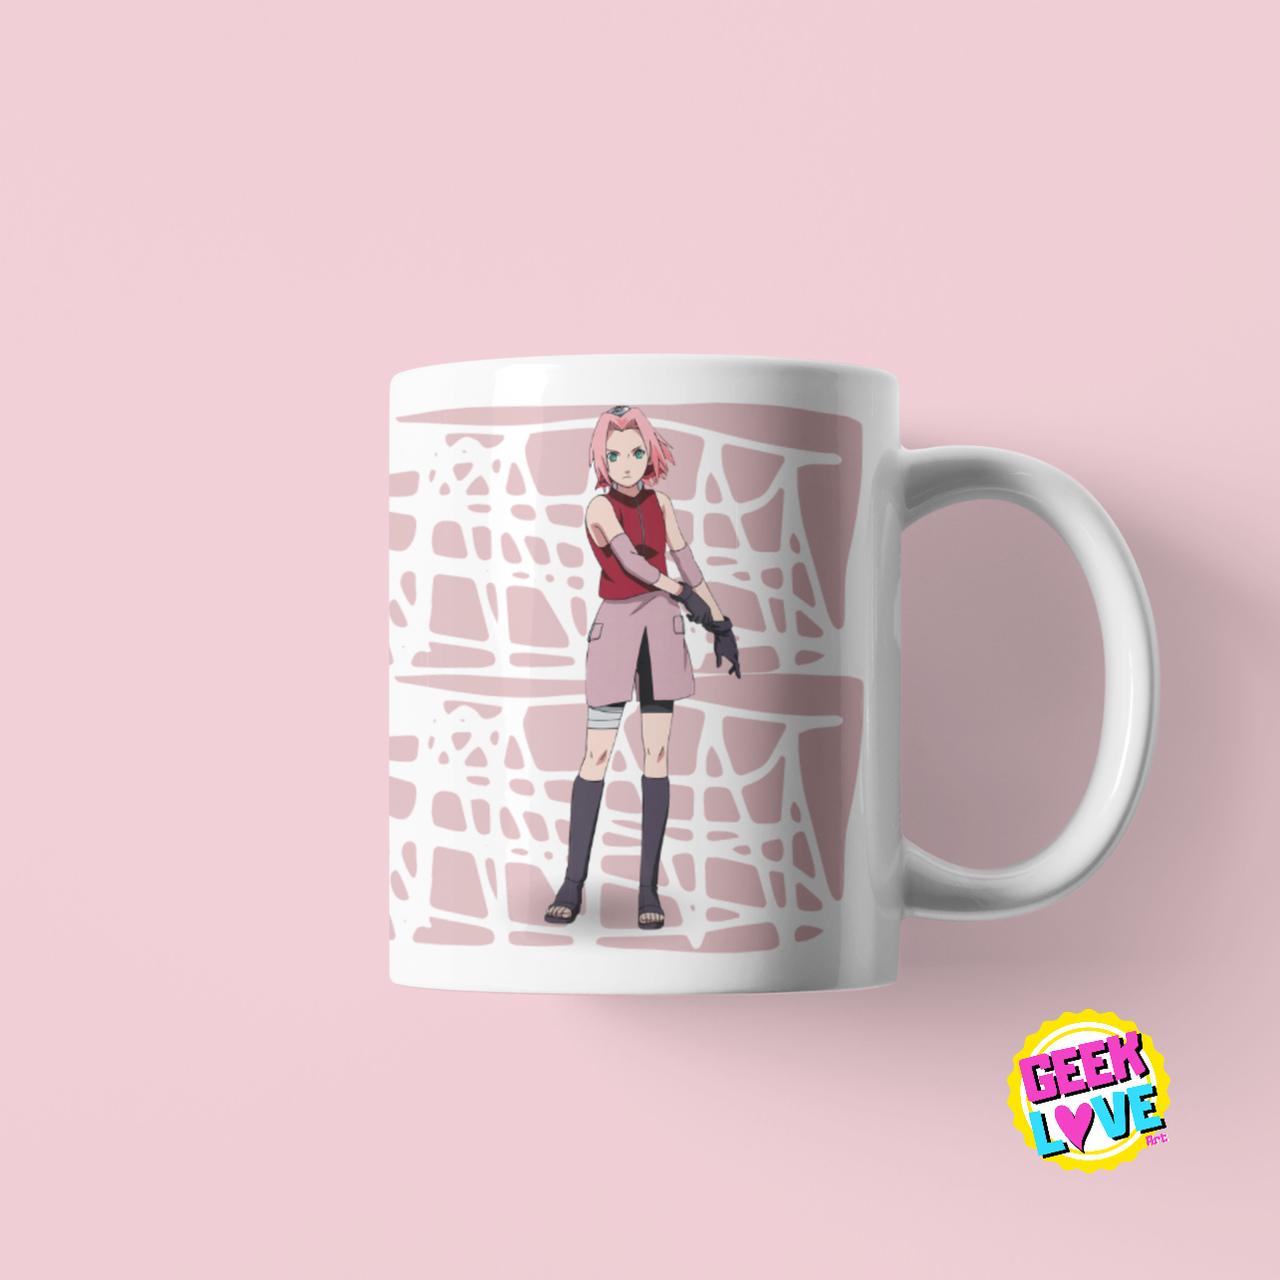 Caneca Geek Love Naruto - Sakura